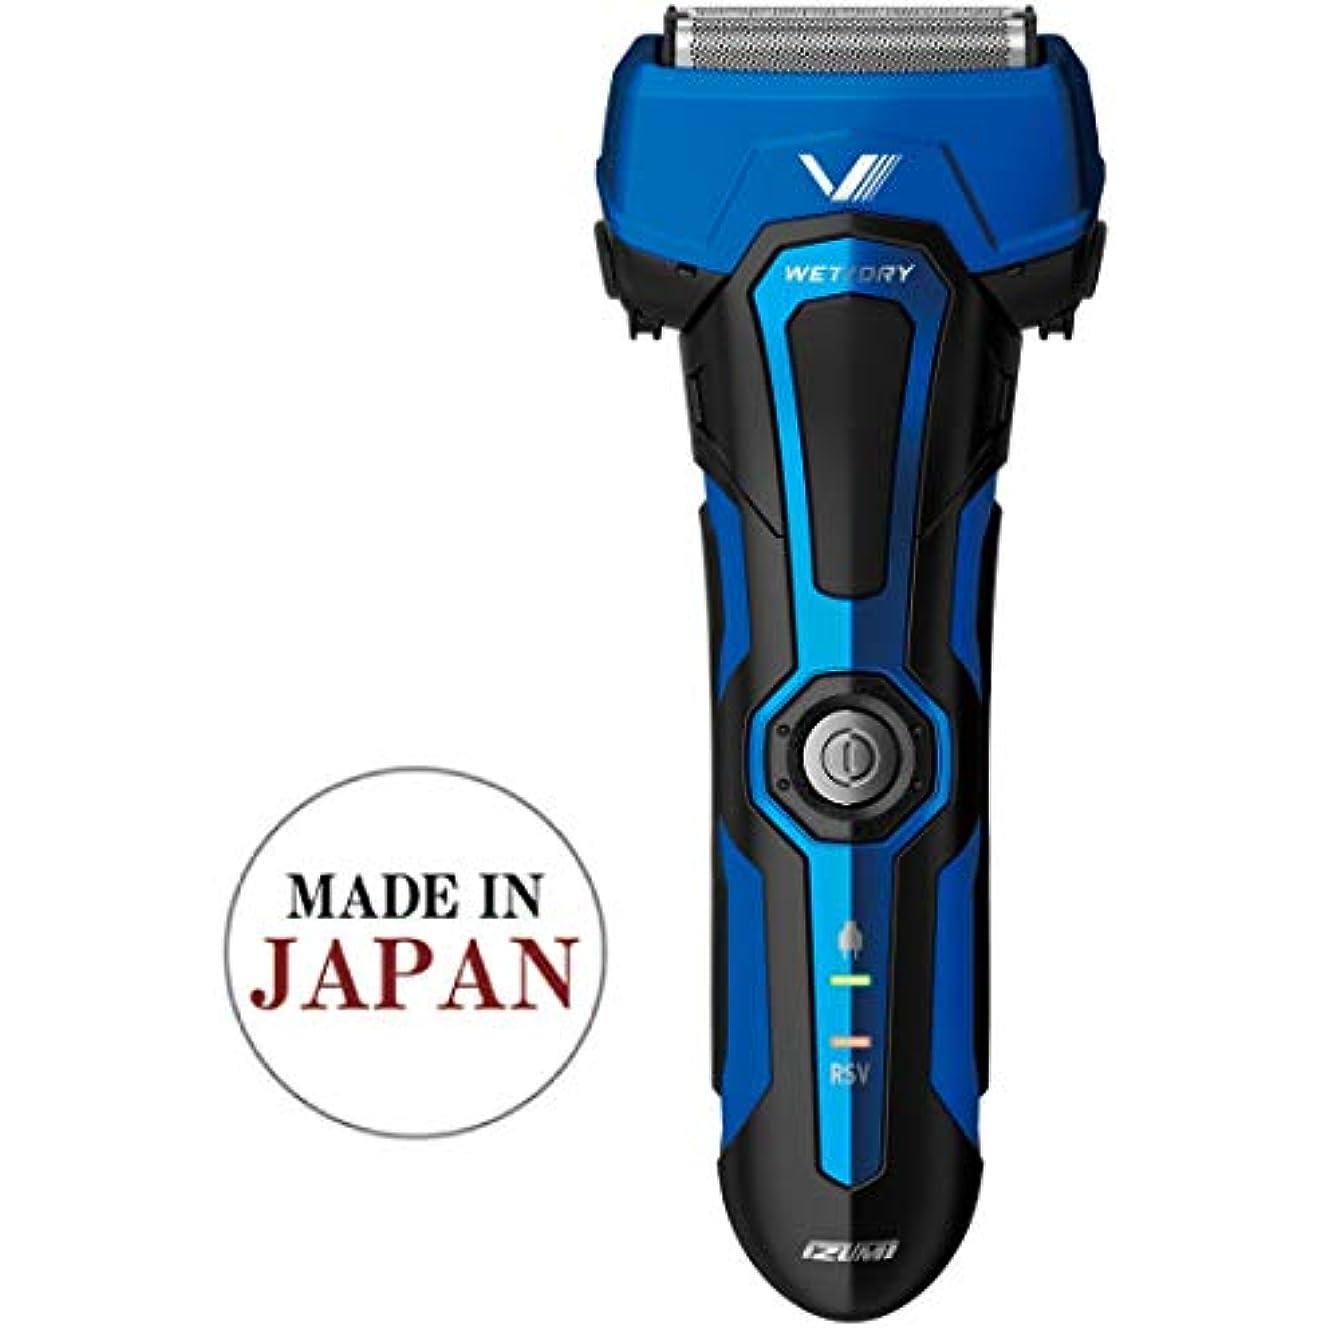 環境に優しい合法傀儡イズミ 電気シェーバー グルーミングシリーズ 4枚刃 往復式 日本製 お風呂剃り可 ブルー IZF-V759ーA-EA